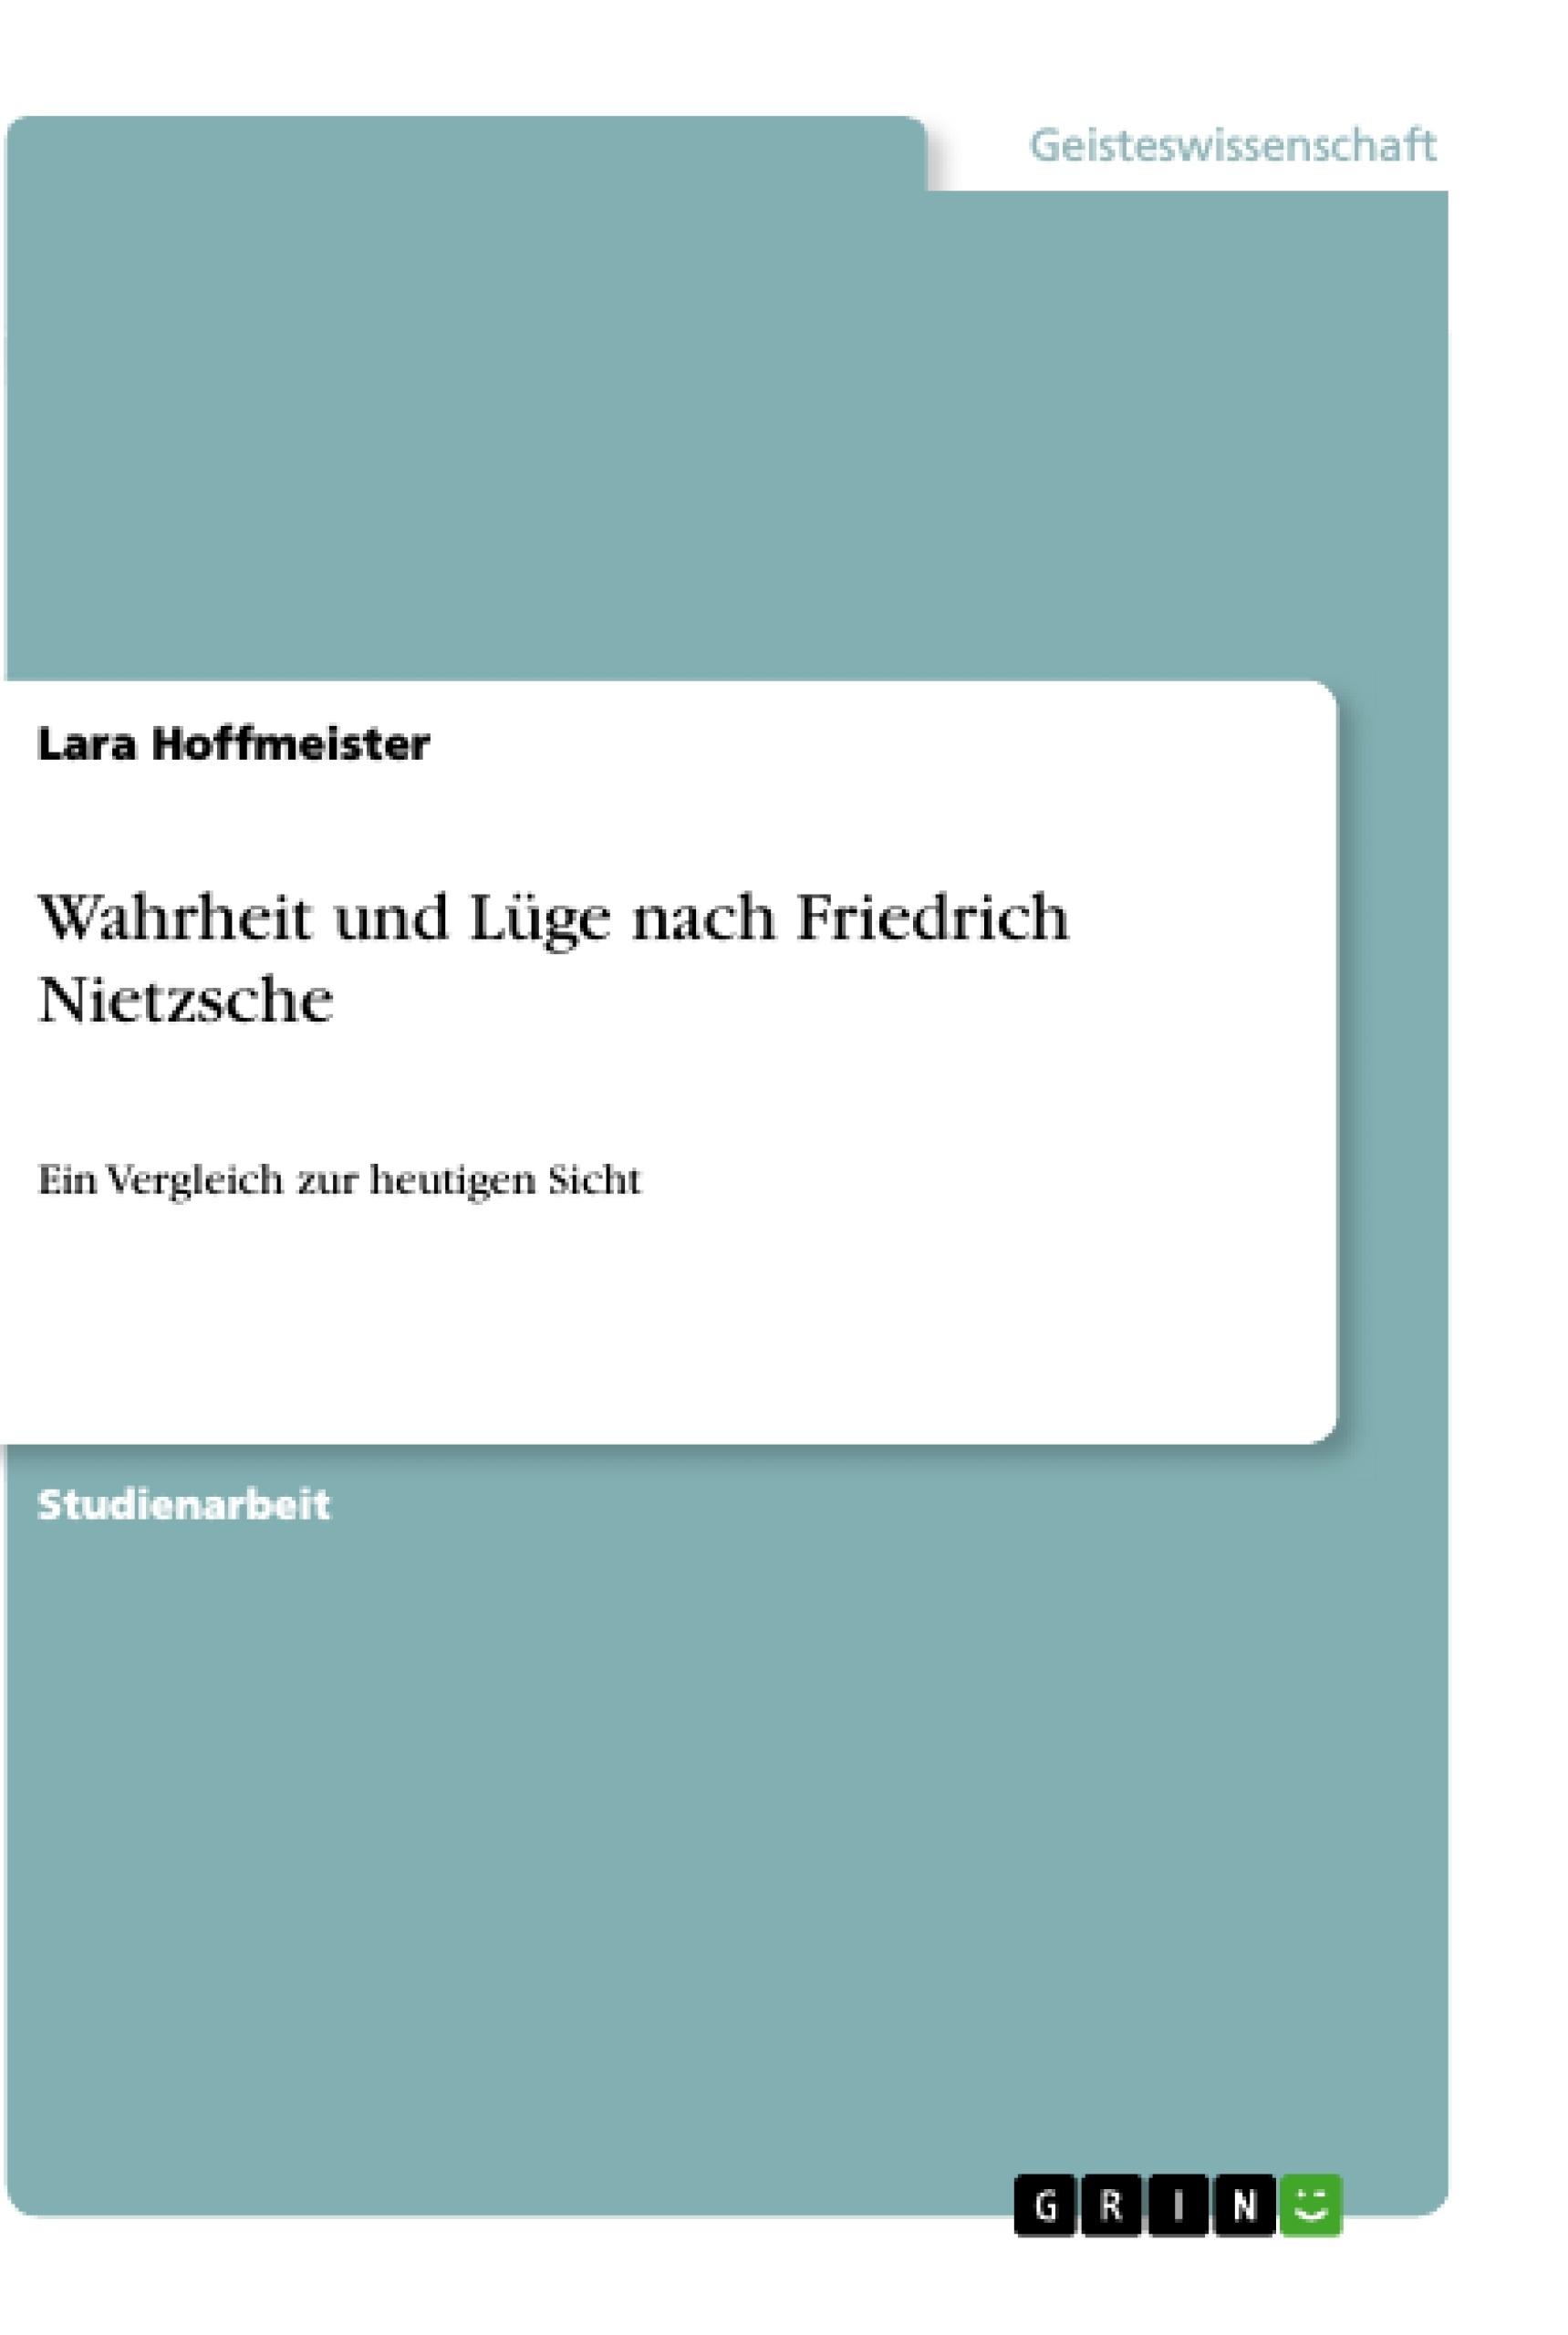 Titel: Wahrheit und Lüge nach Friedrich Nietzsche